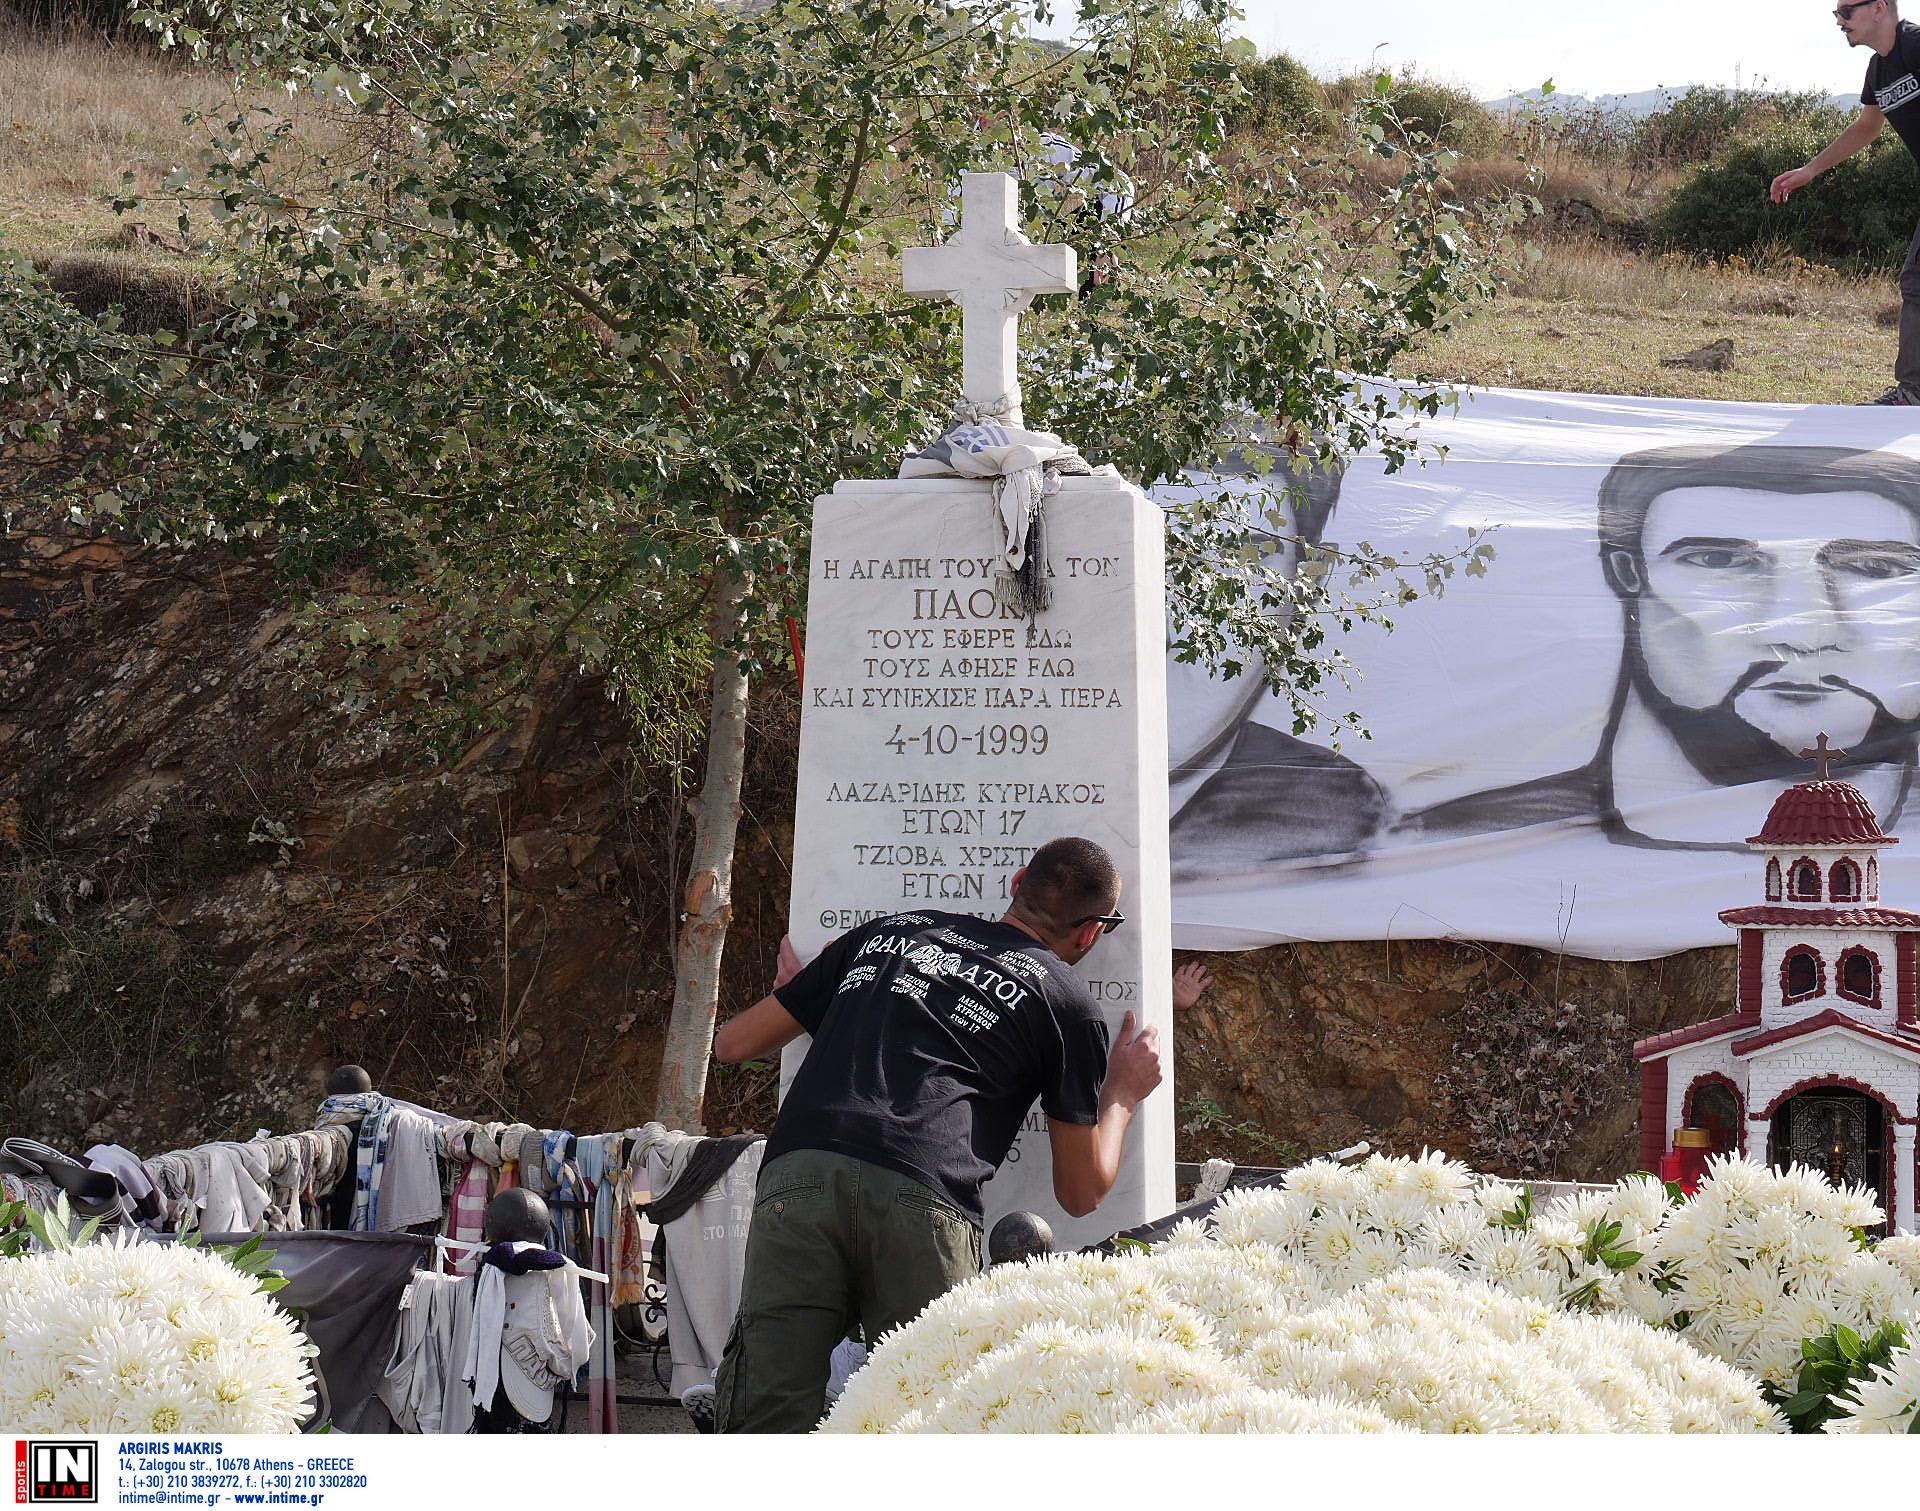 ΠΑΟΚ για την τραγωδία των Τεμπών: «Ο χρόνος δεν προσπερνά, σταματά»